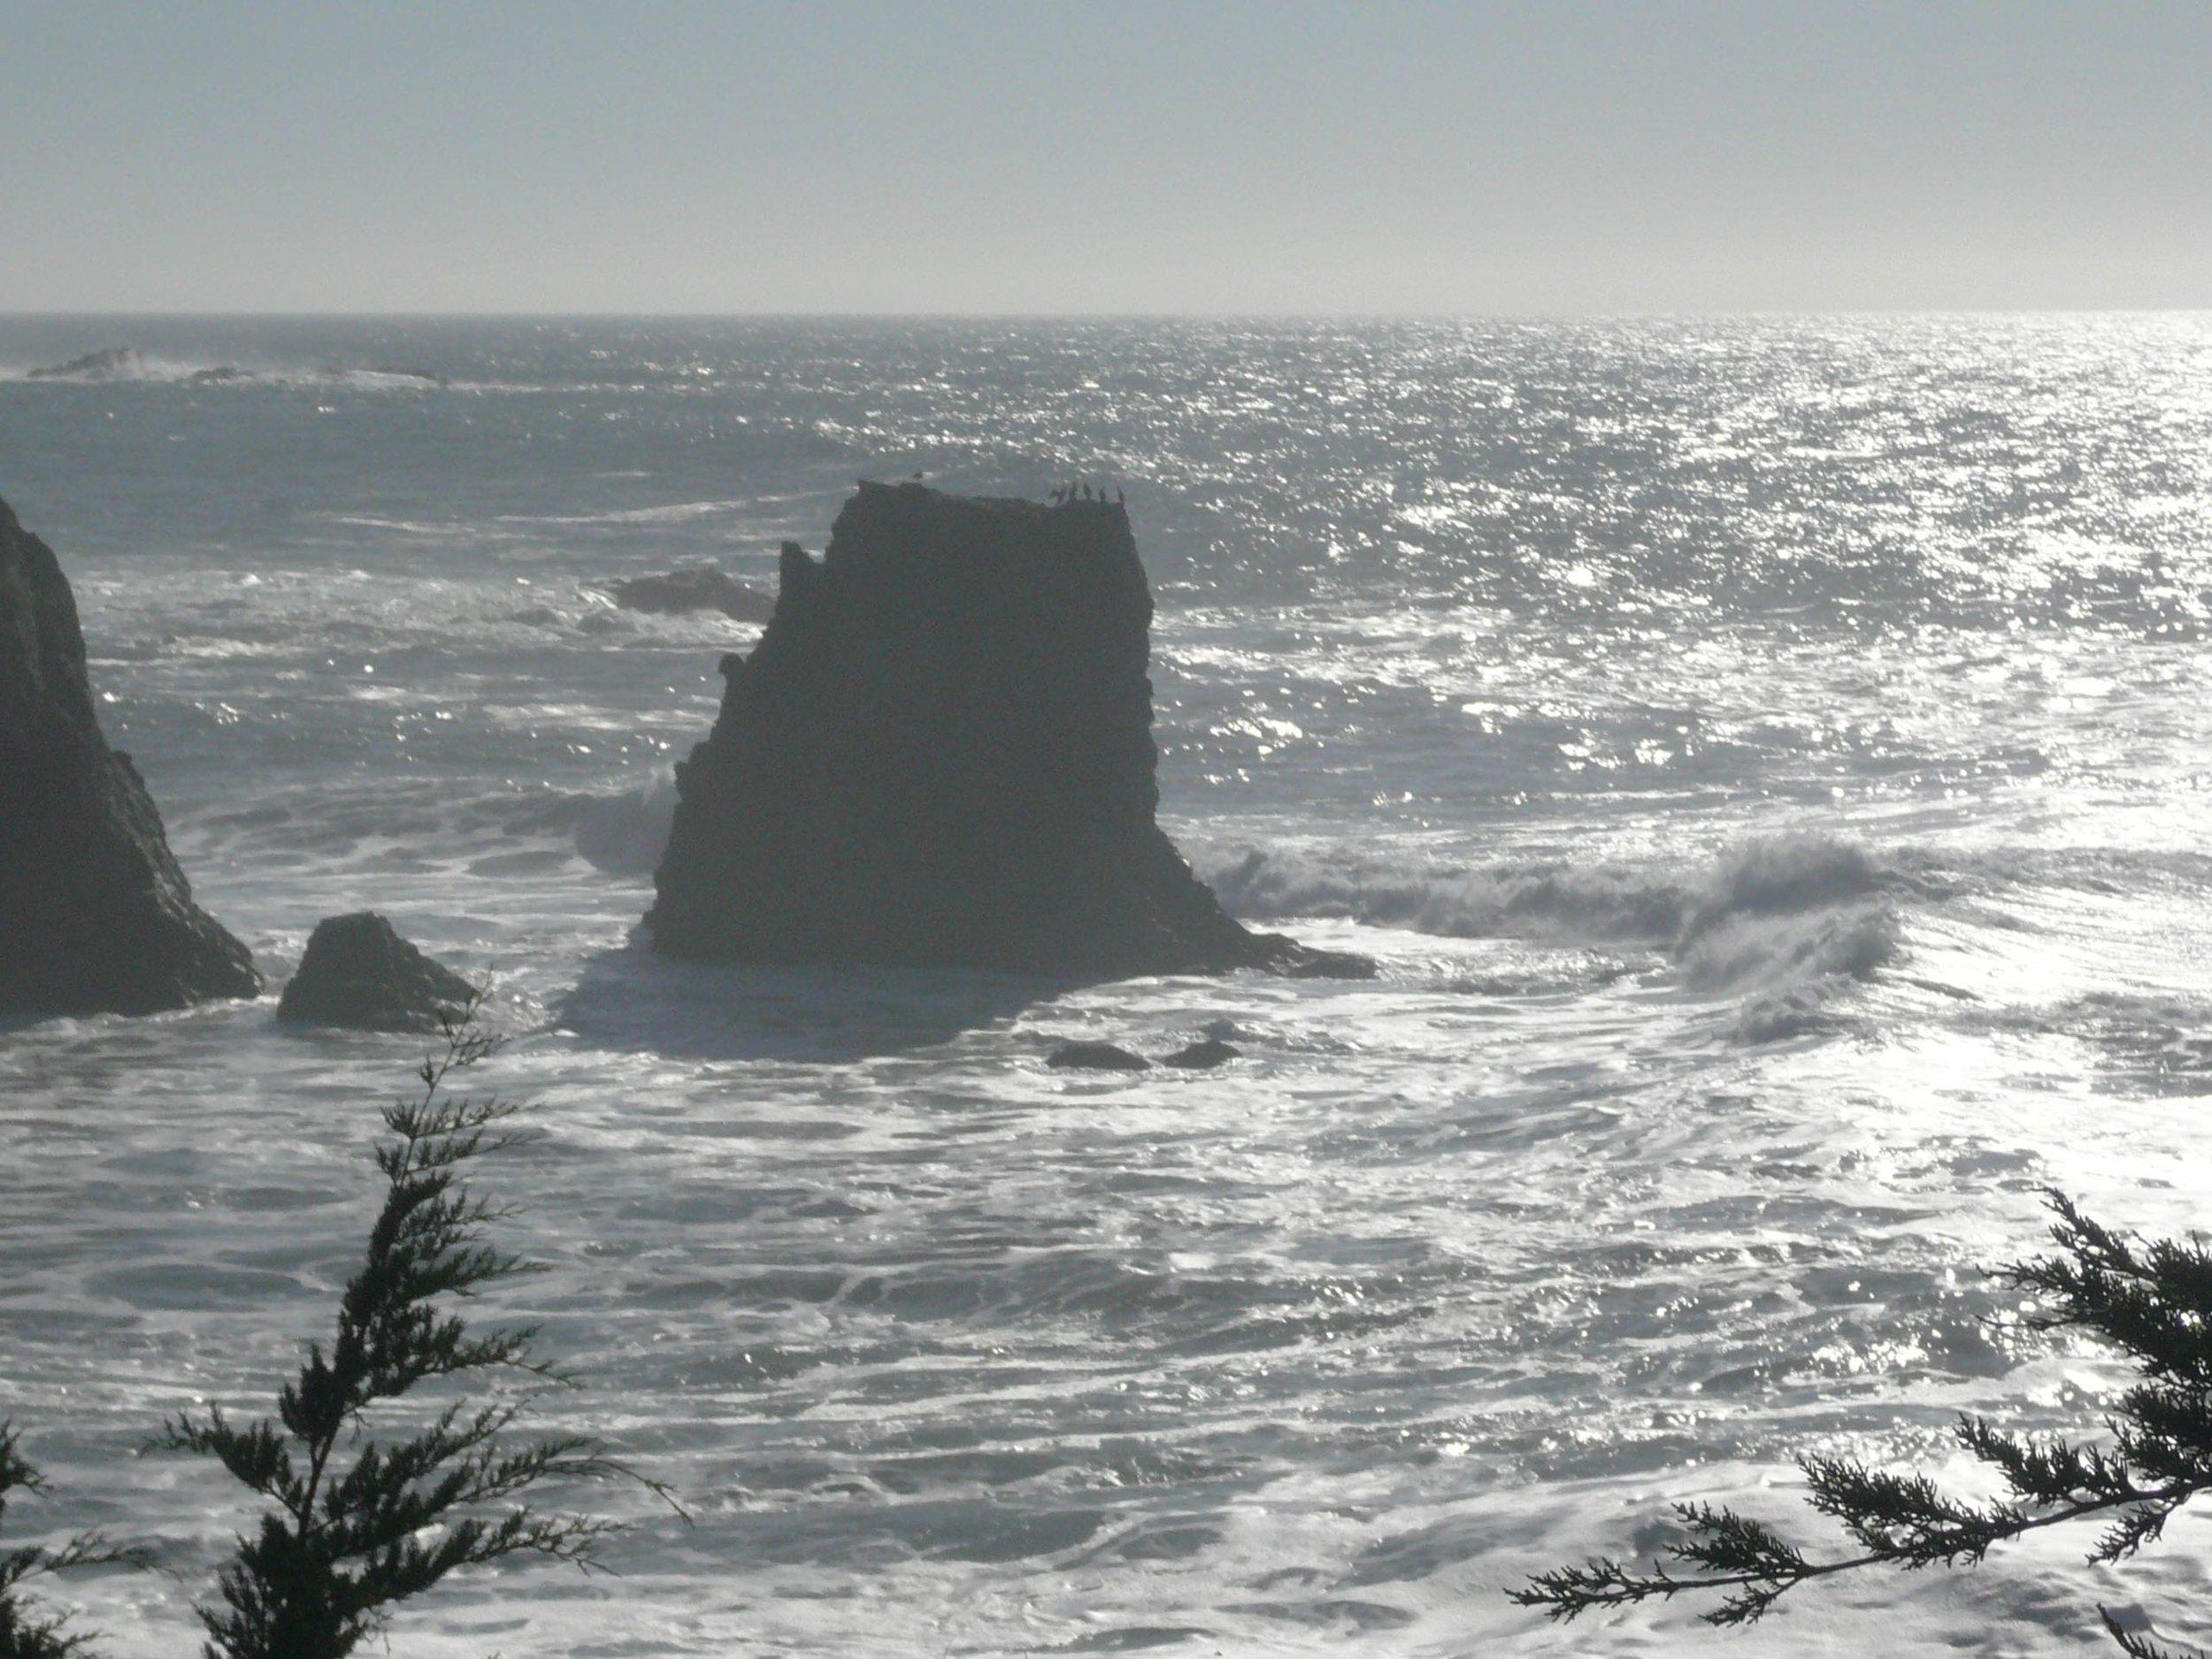 A cove: Pacific Ocean